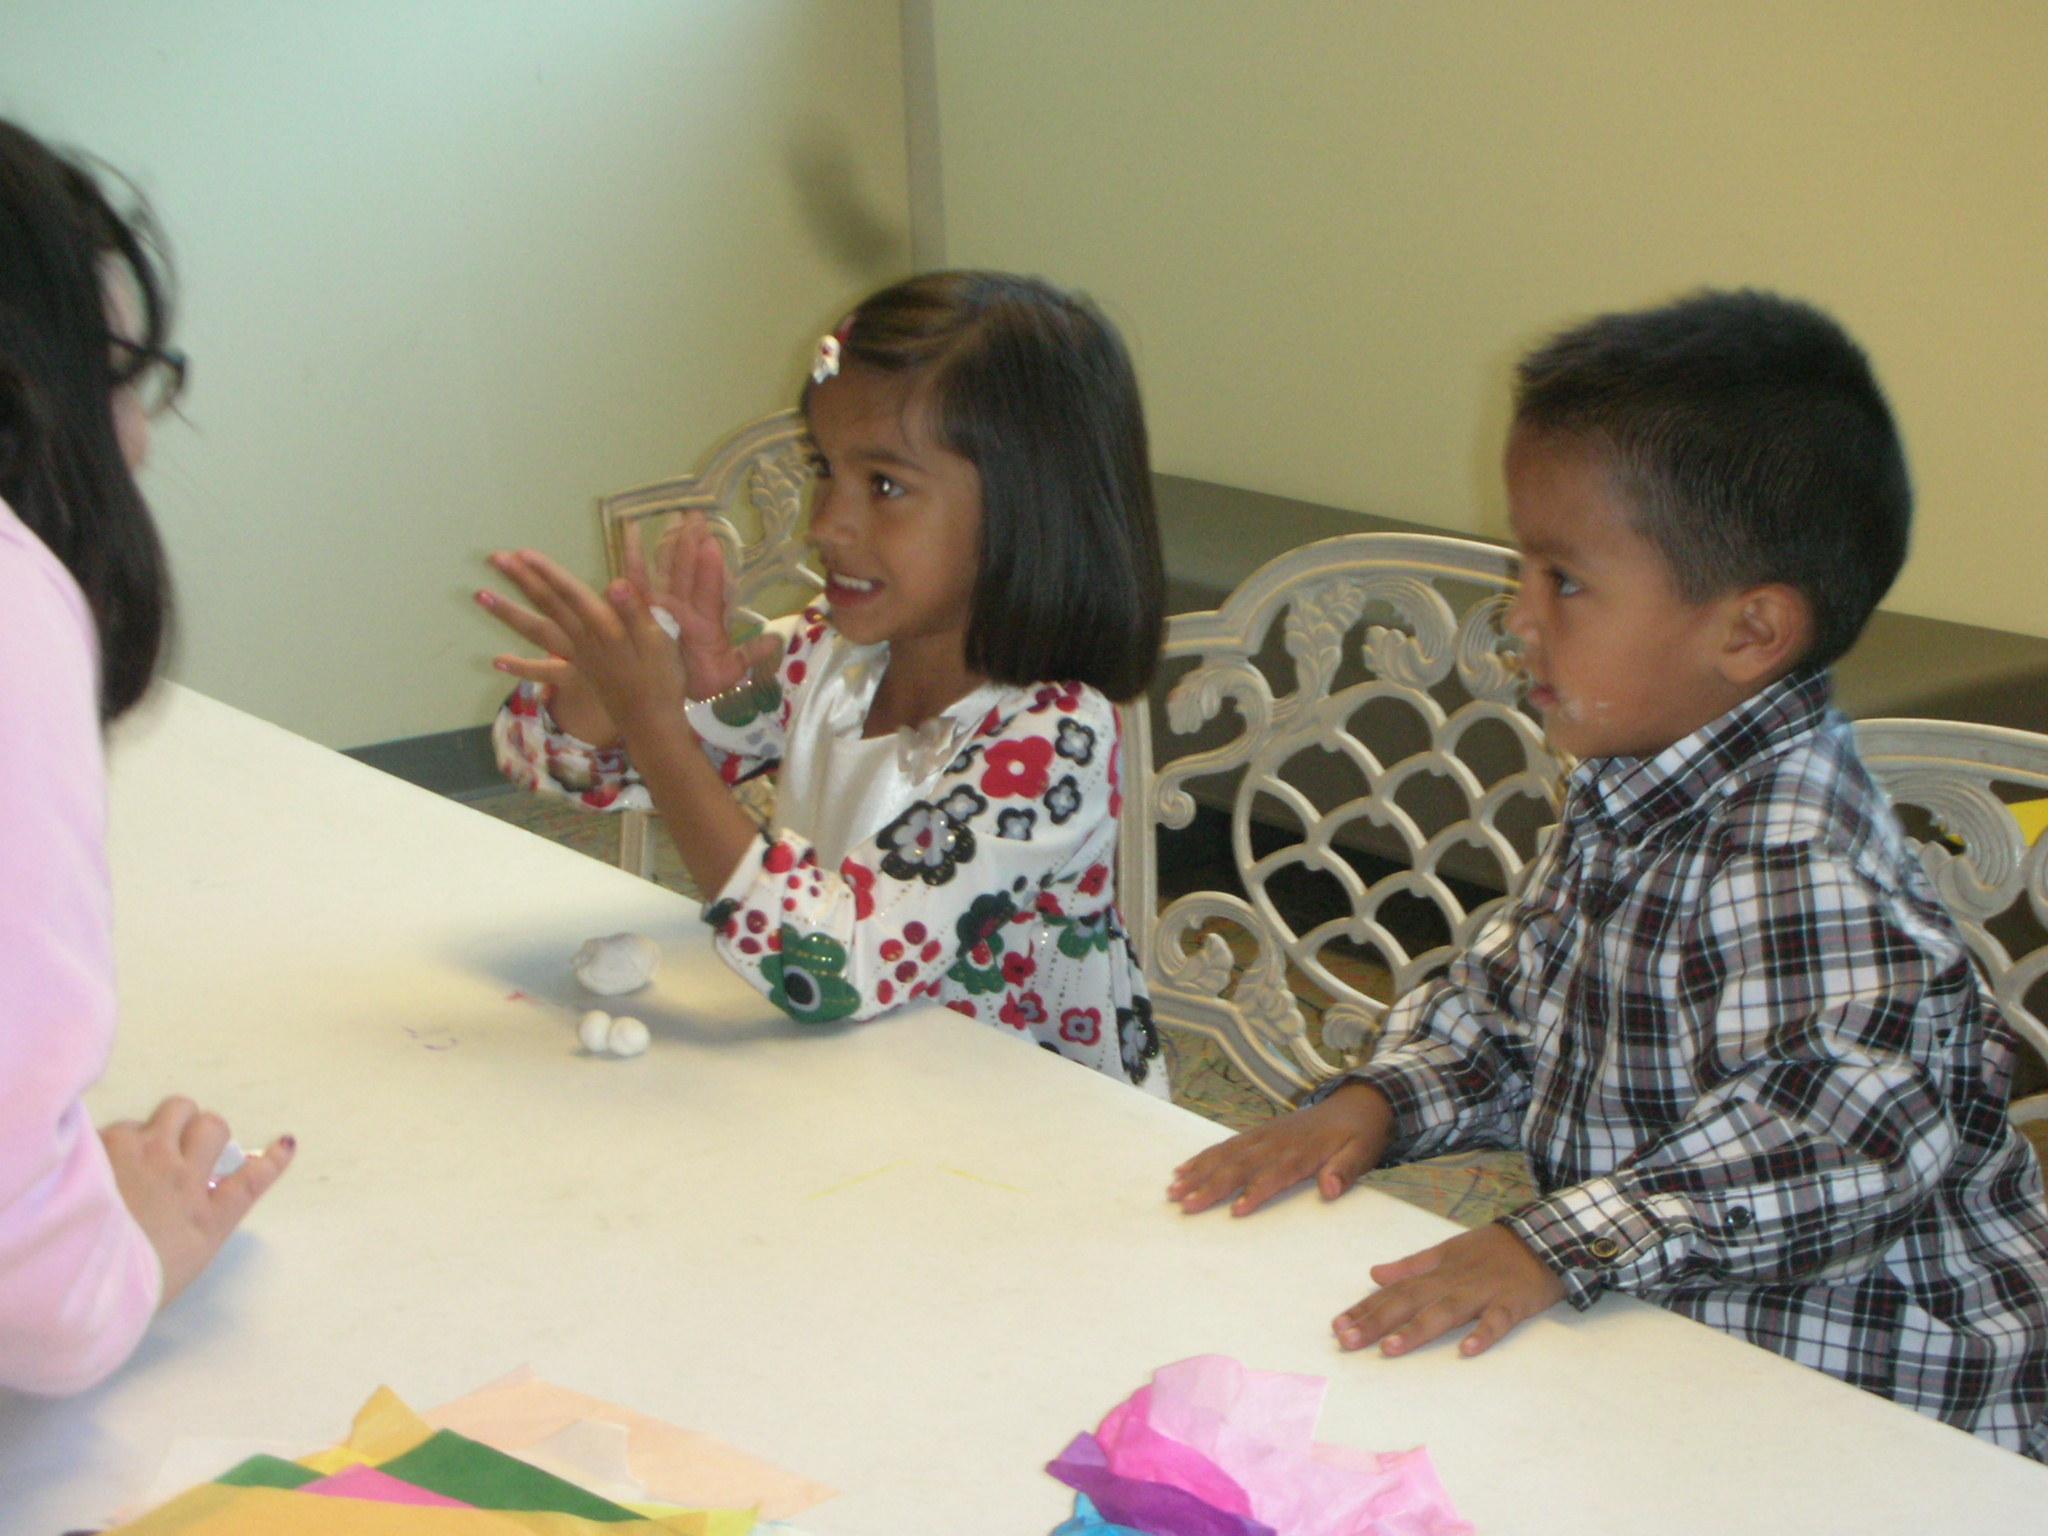 children's activities 3.JPG